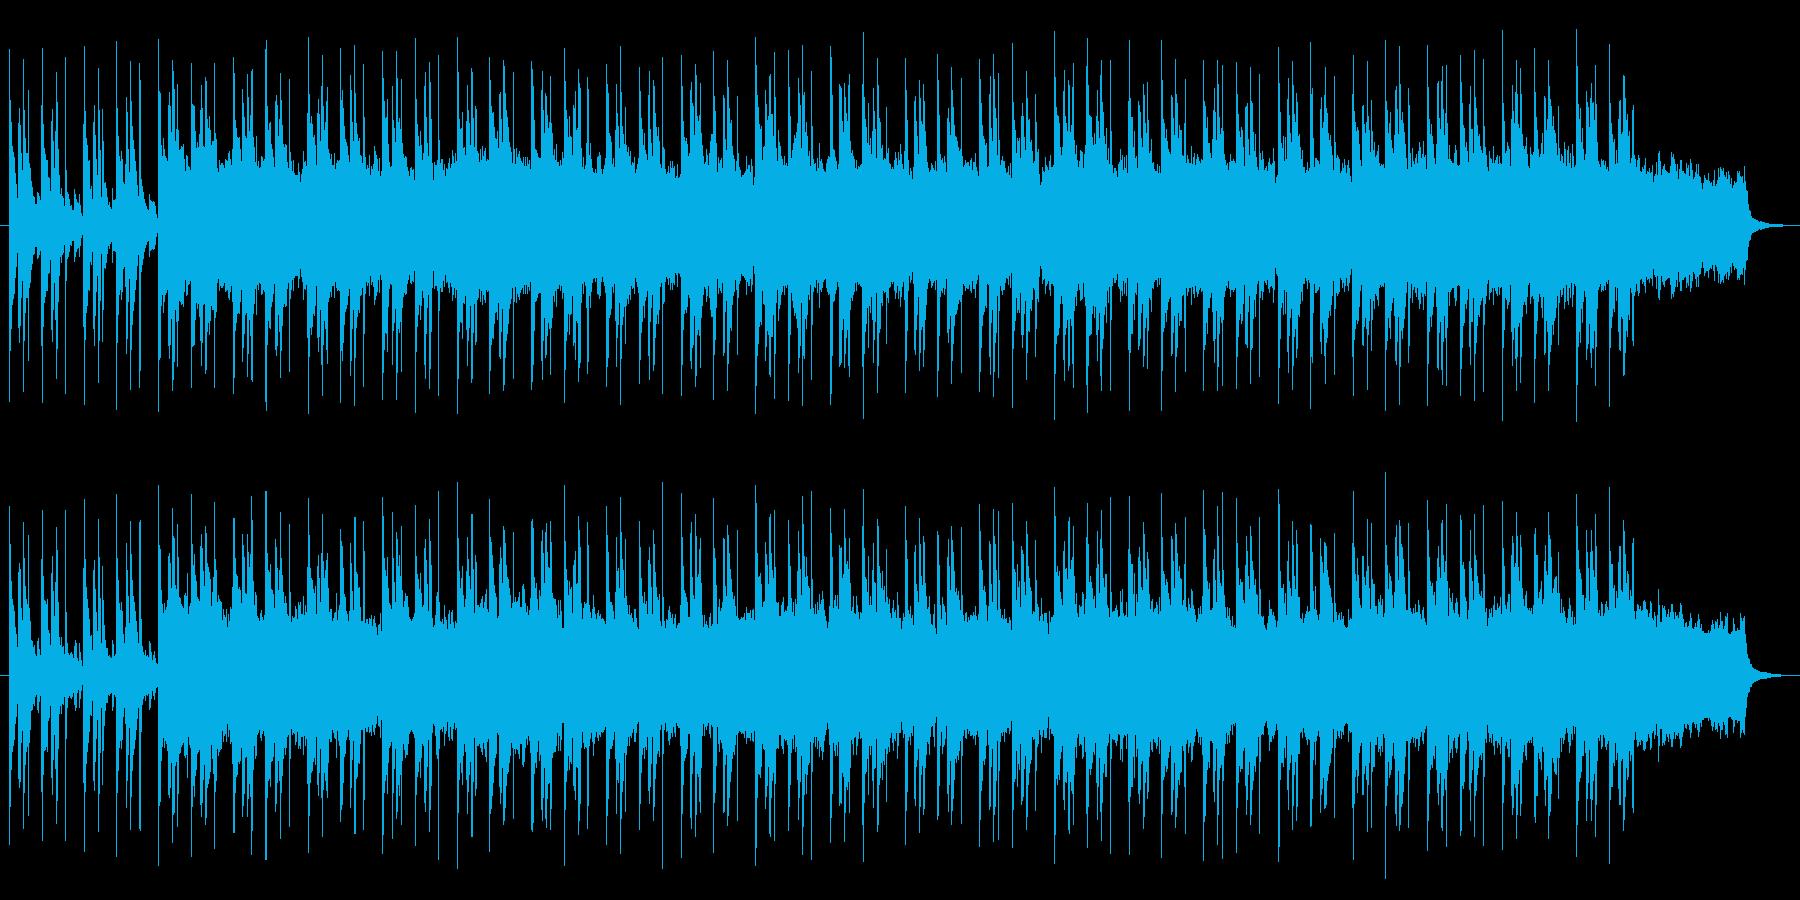 壮大な雰囲気の曲の再生済みの波形